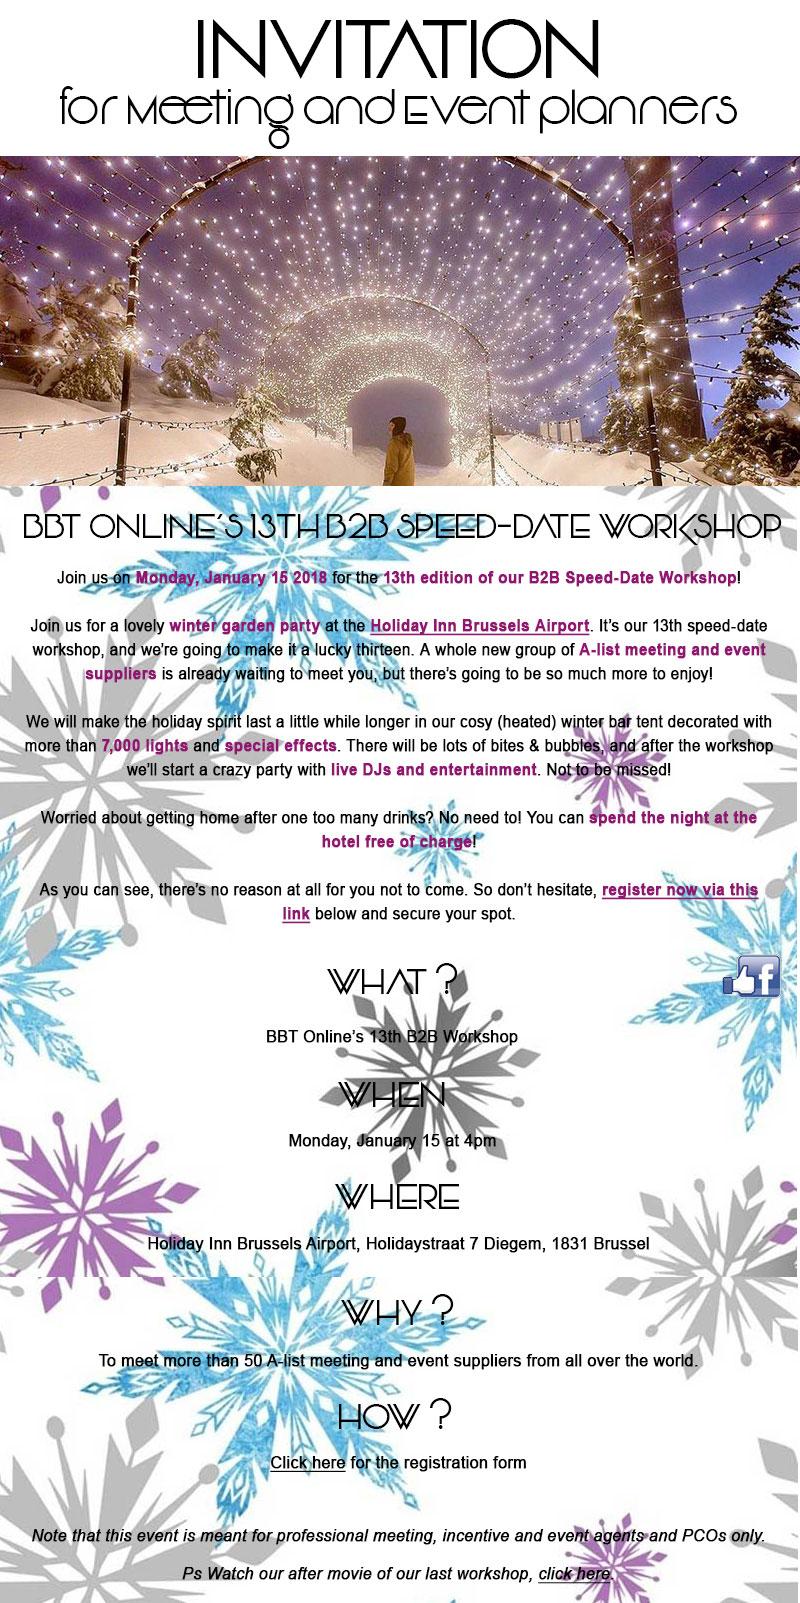 BBT ONLINE'S 13th B2B SPEED-DATE WORKSHOP